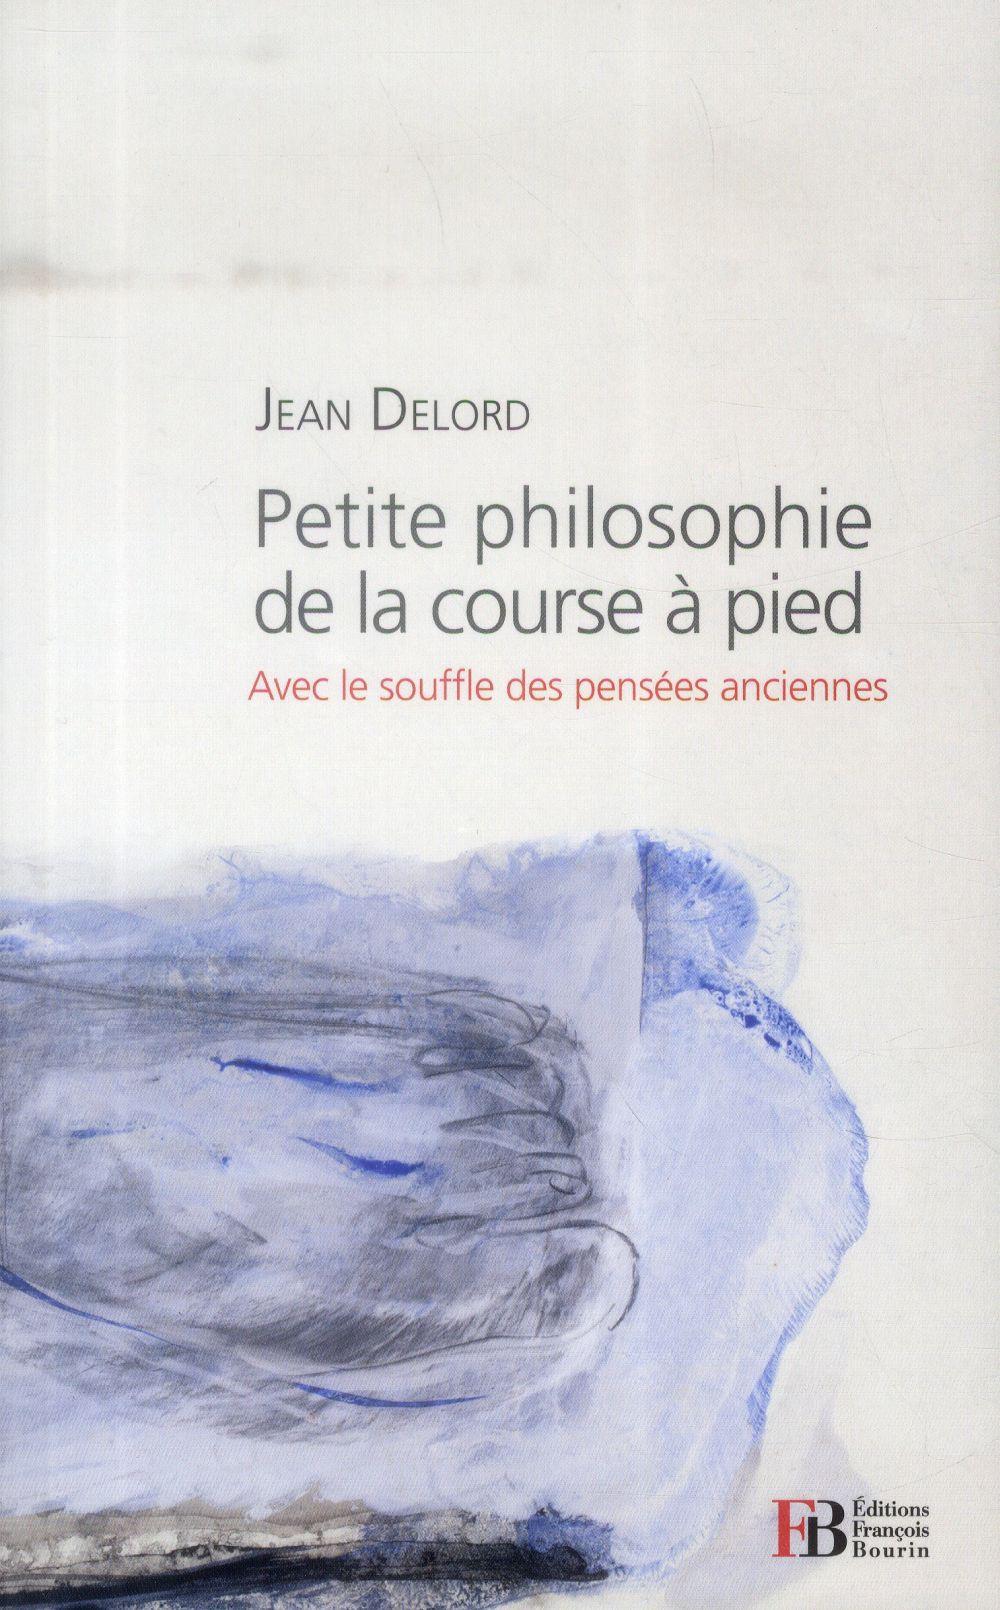 PETITE PHILOSOPHIE DE LA COURSE A PIED